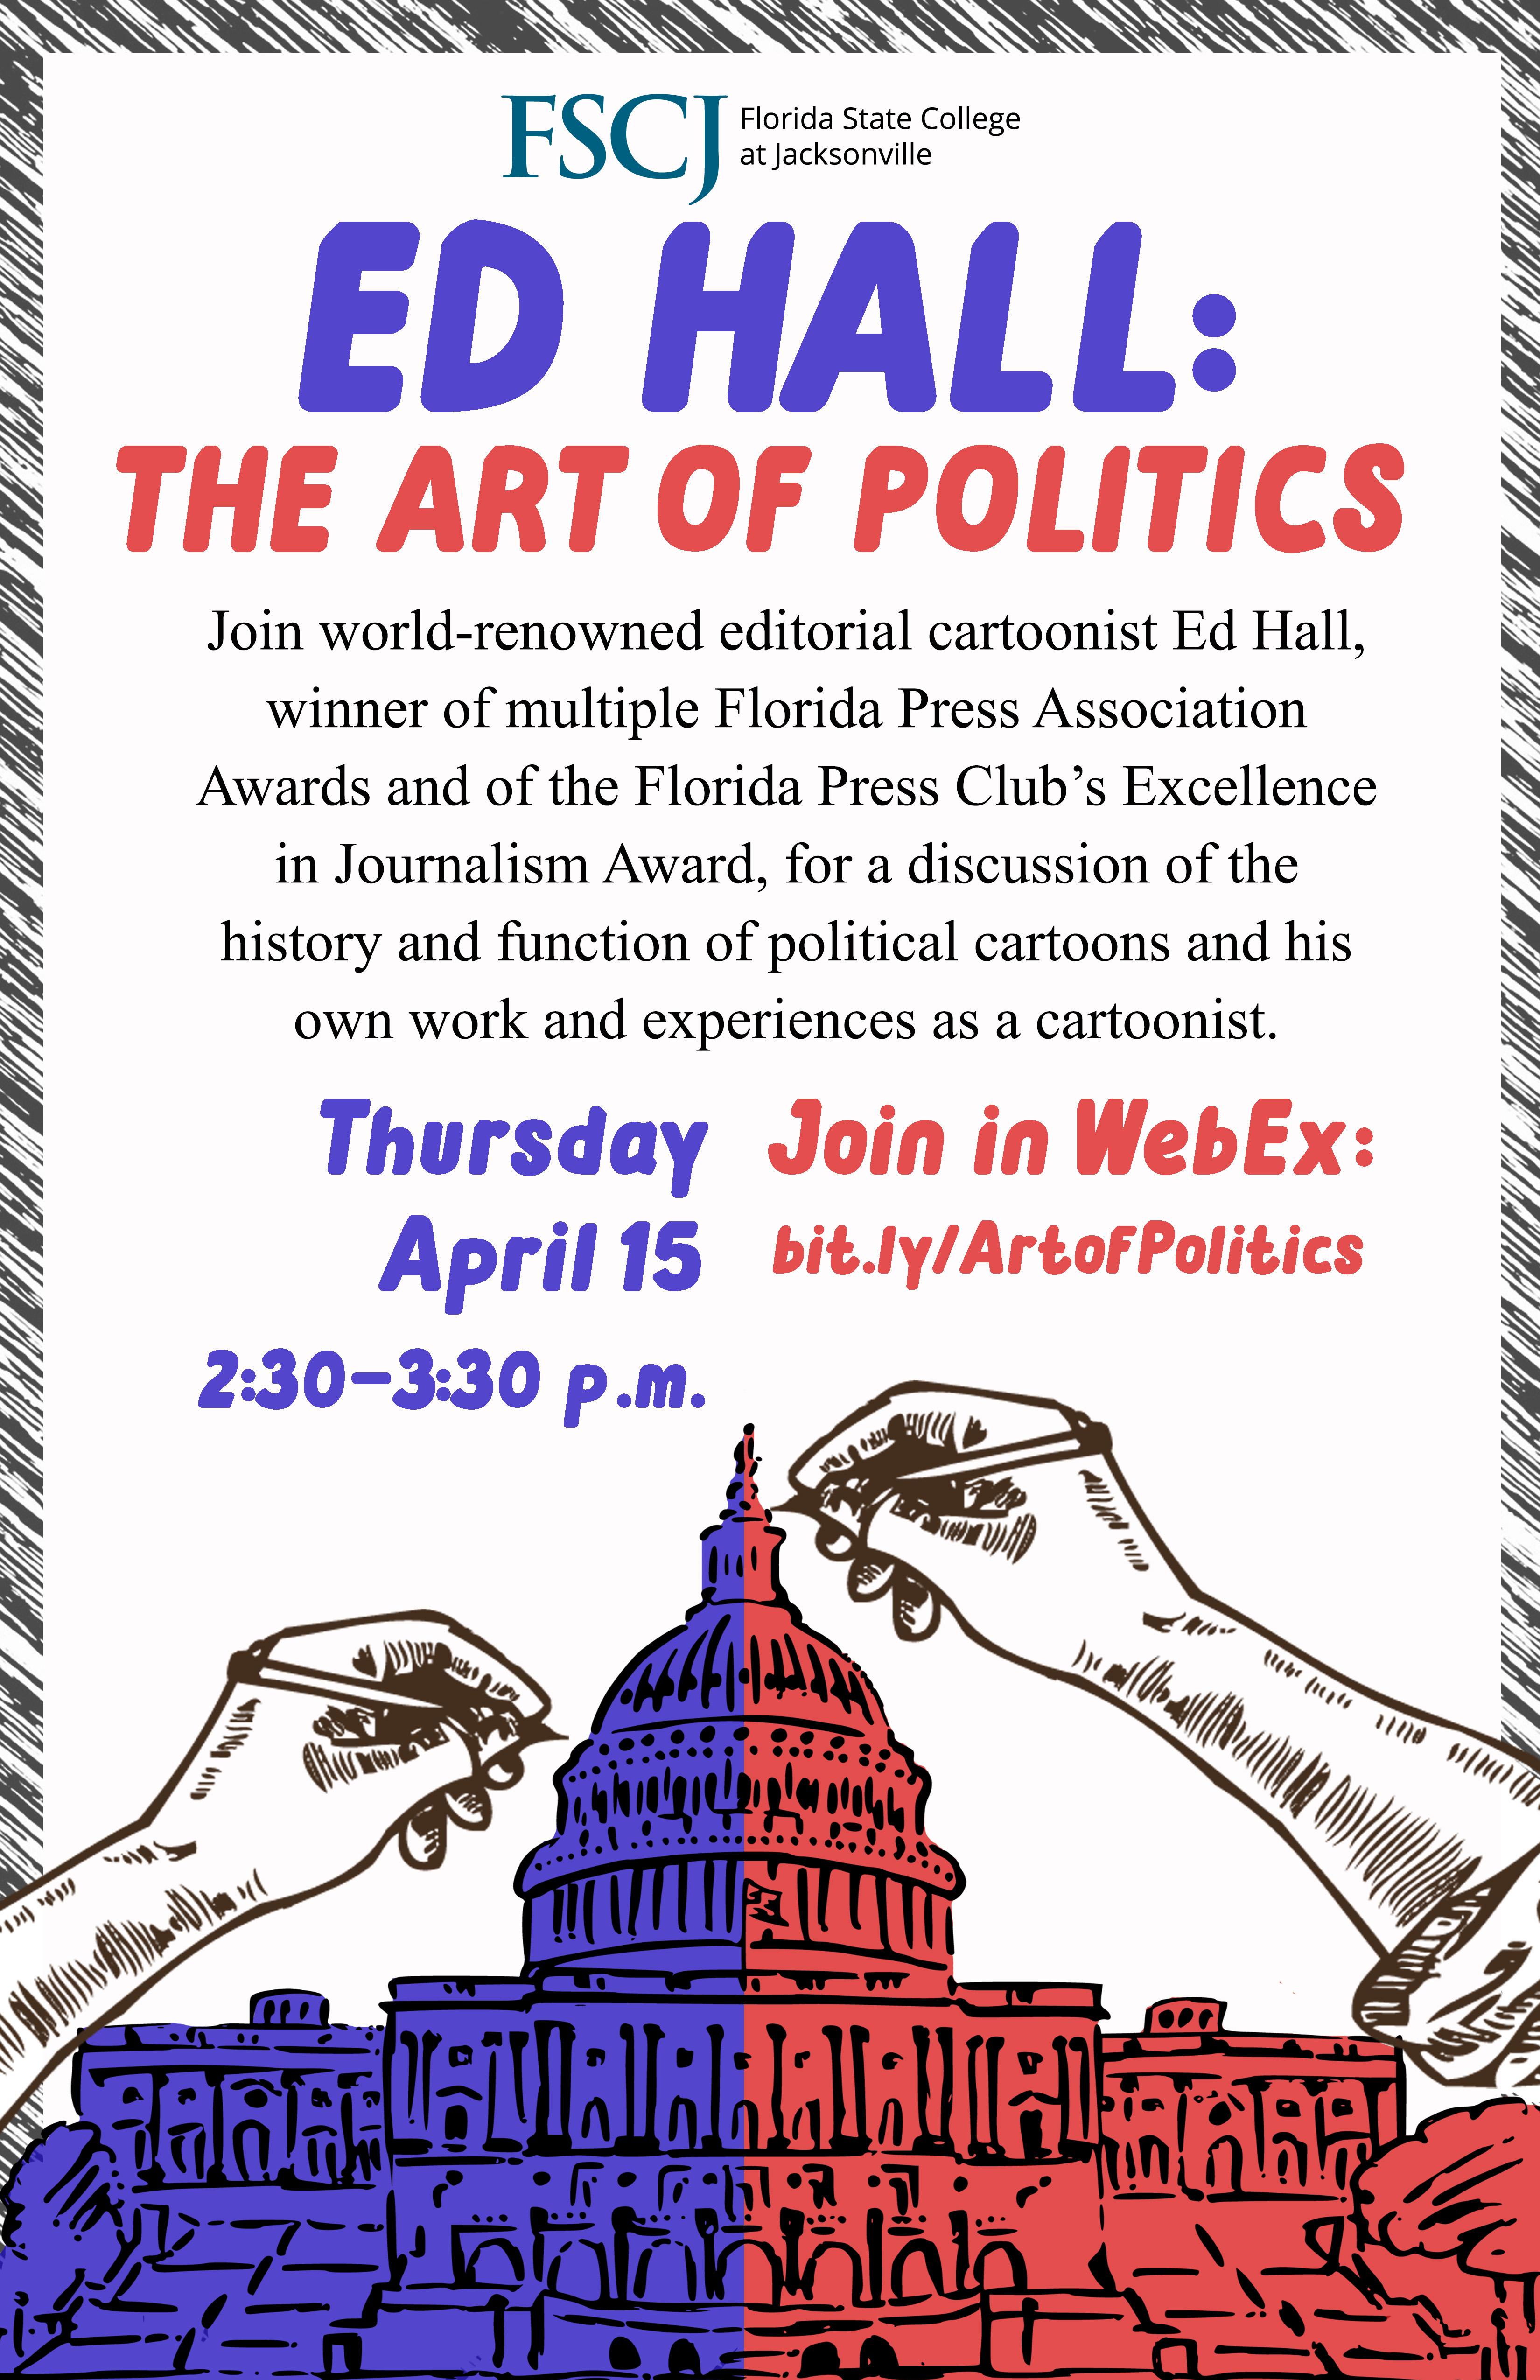 Ed Hall: The Art of Politics